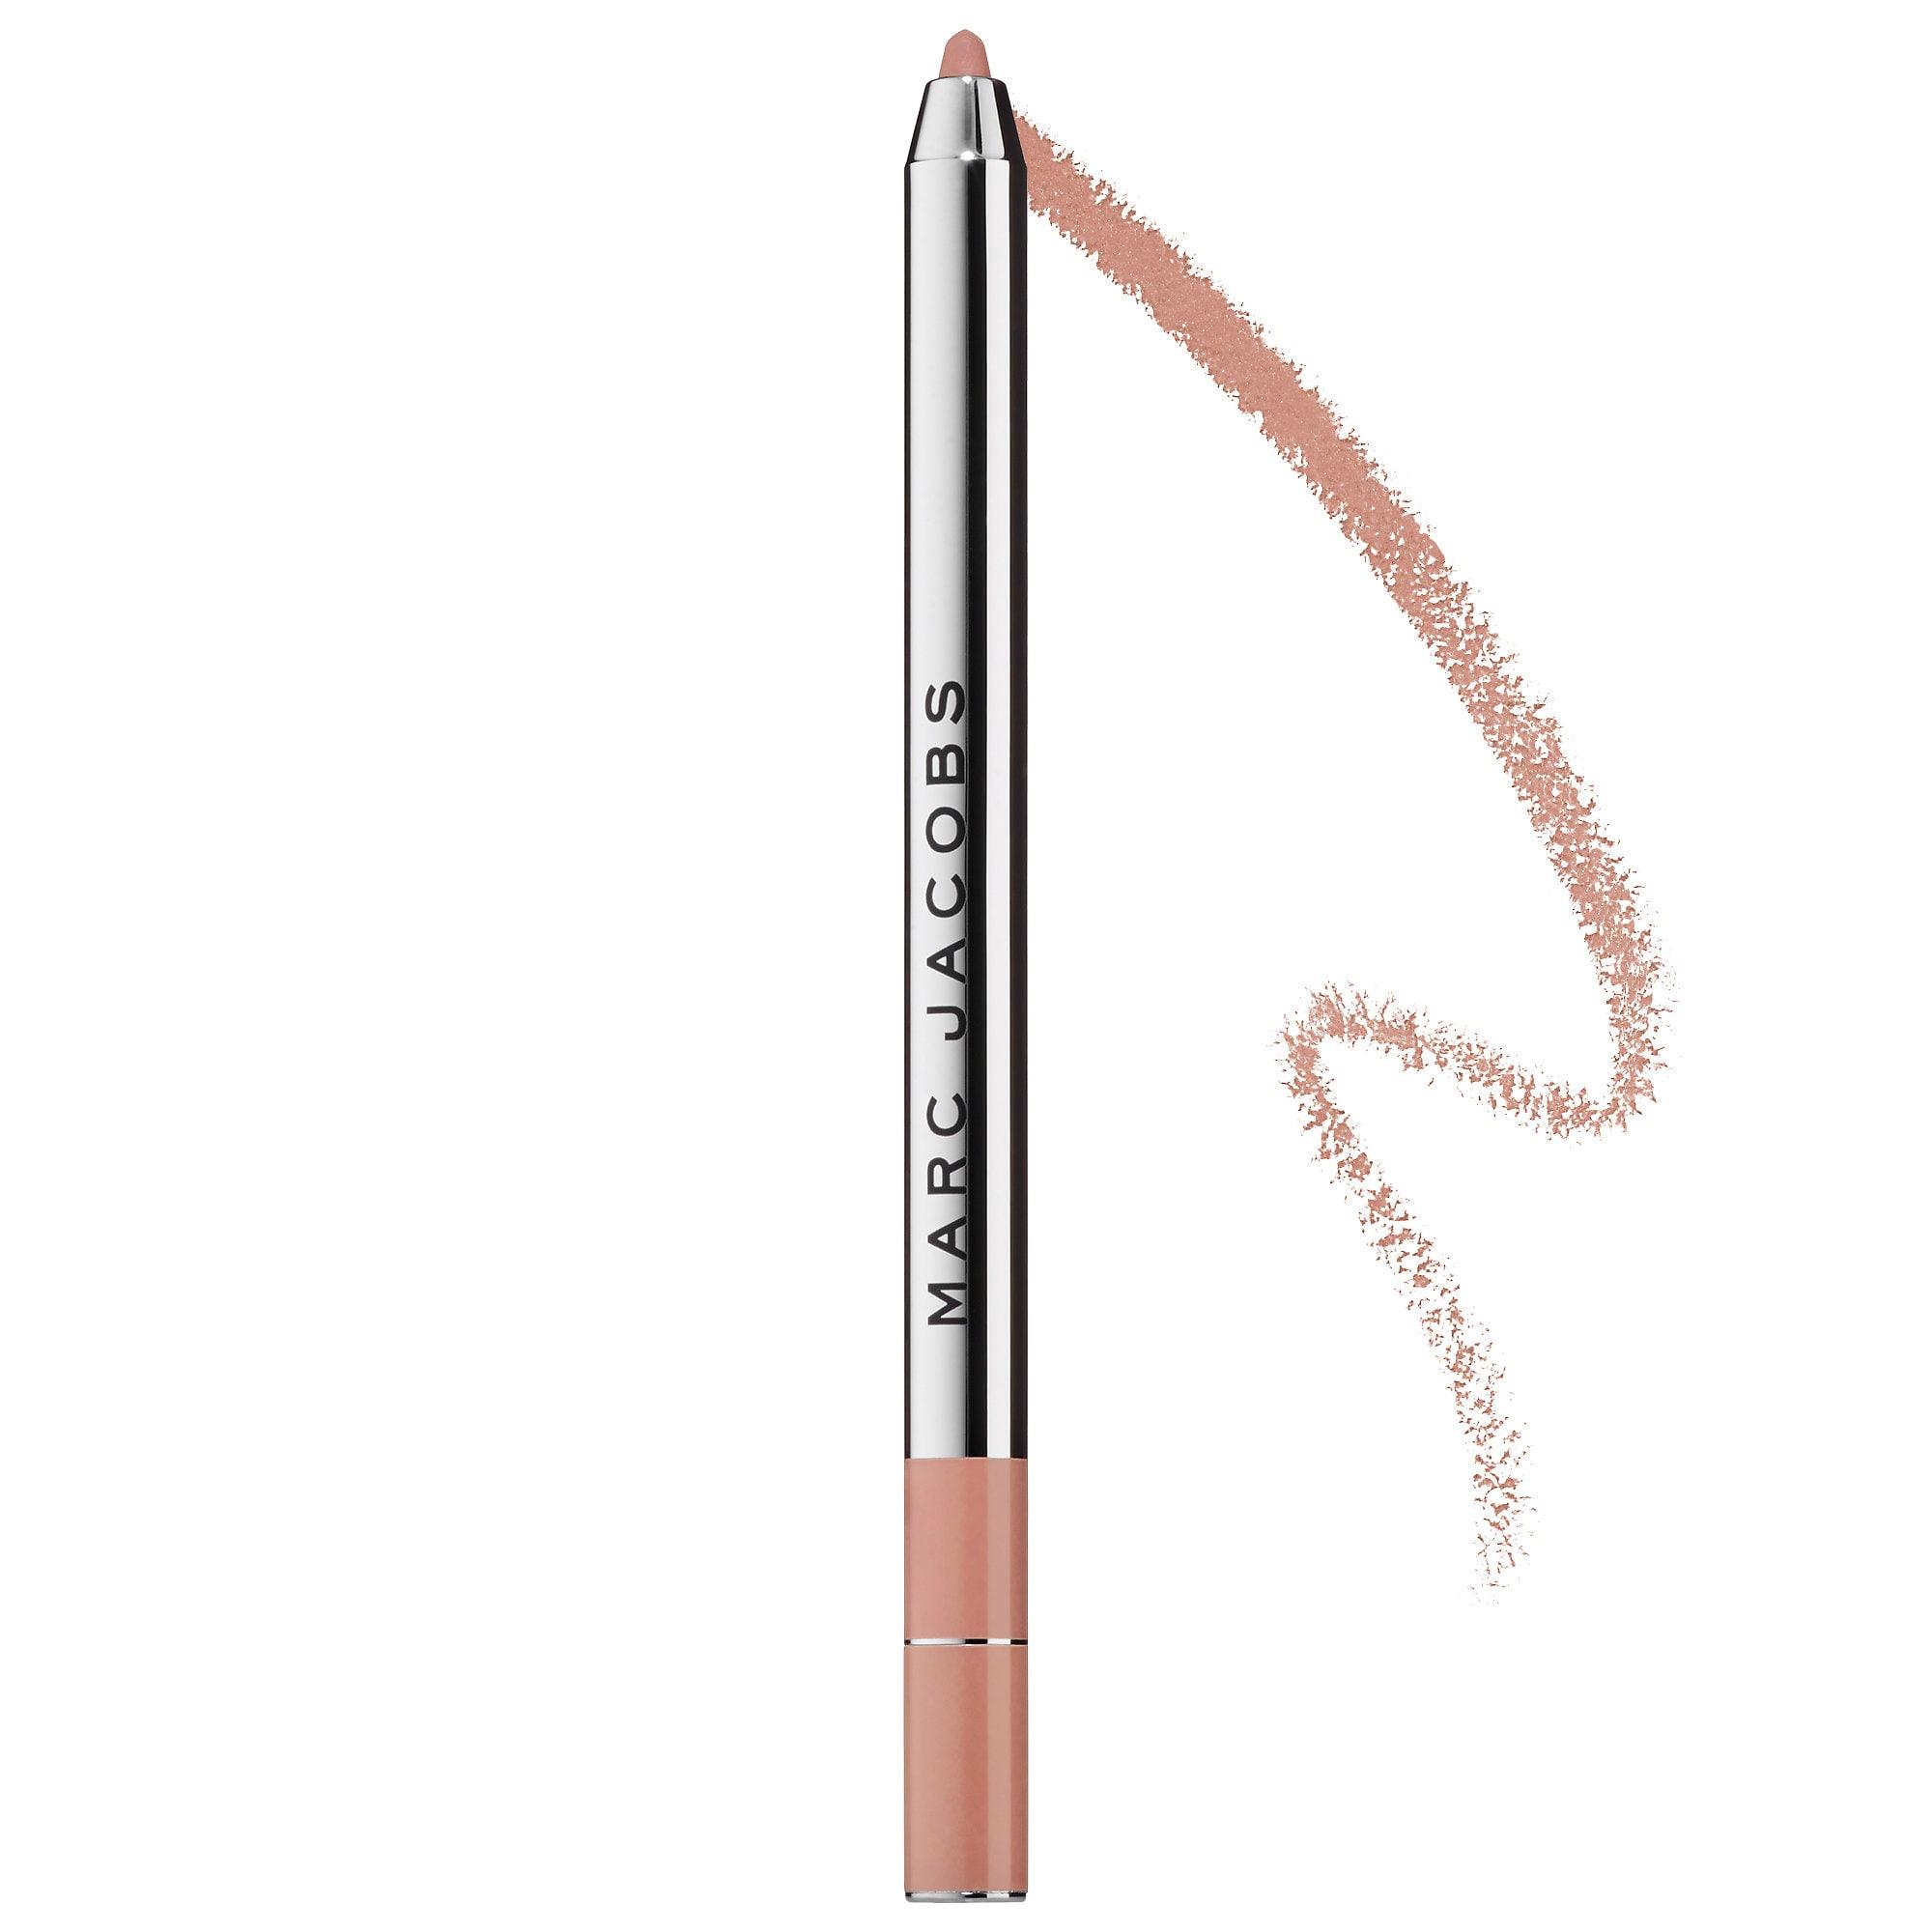 Marc Jacobs - Poutliner Longwear Lip Liner Pencil